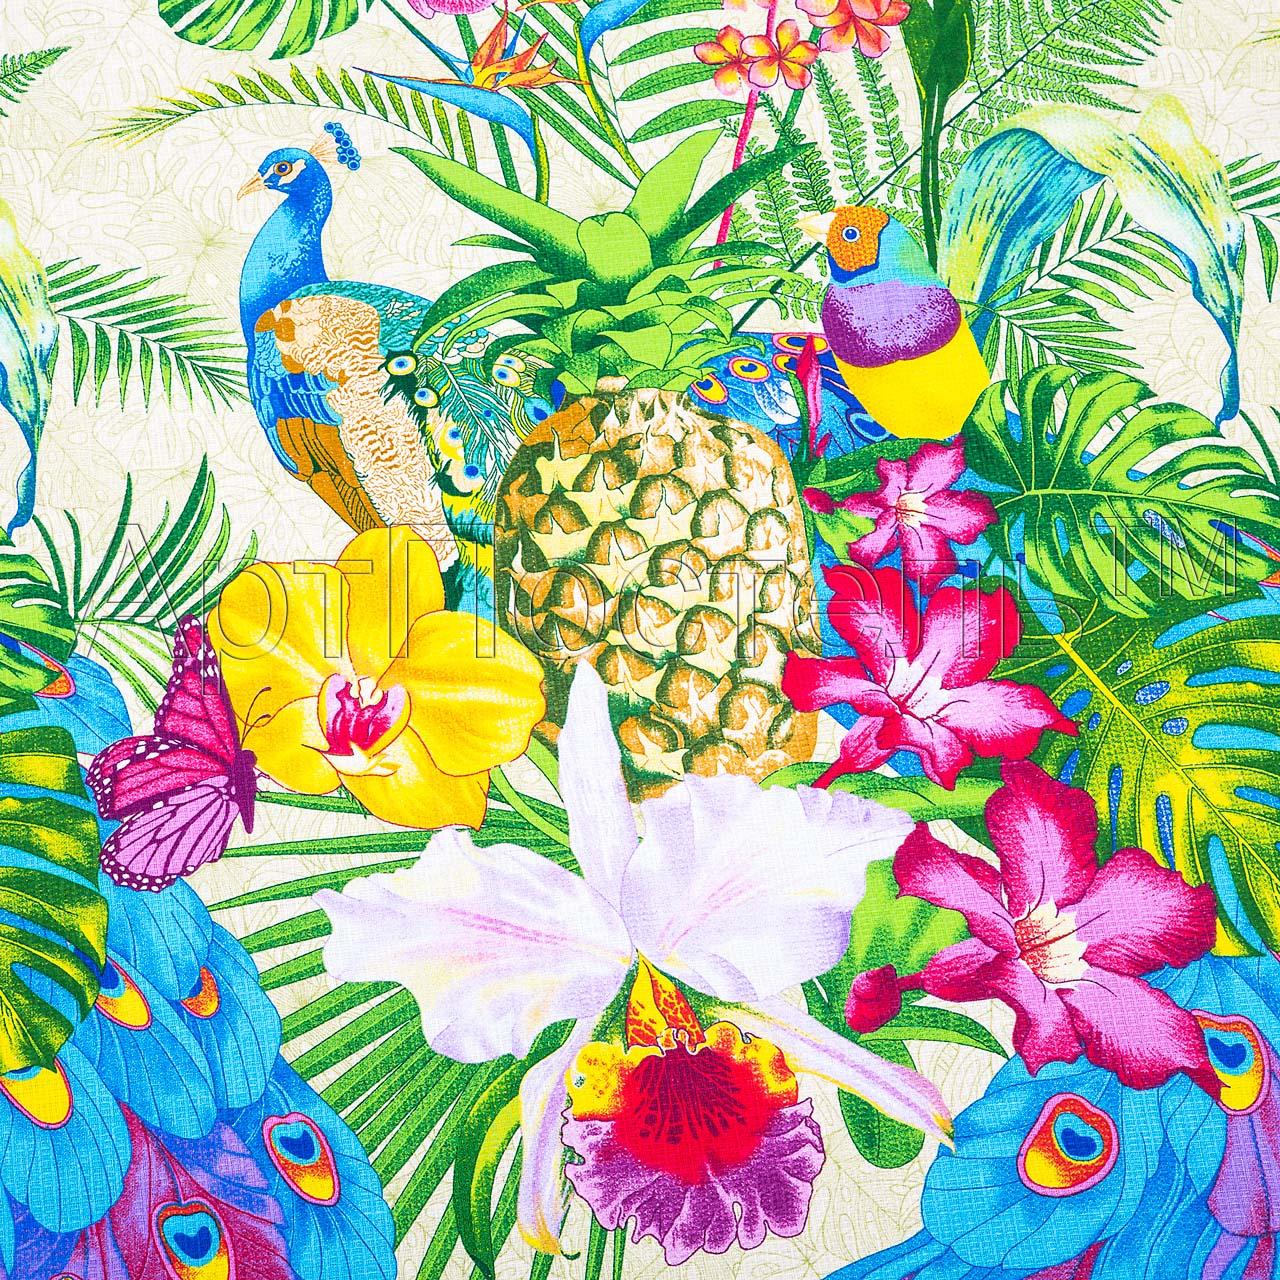 Вафельное полотенце Гавайи р. 100х150Вафельные полотенца<br>Плотность: 160 г/кв. м<br><br>Тип: Вафельное полотенце<br>Размер: 100х150<br>Материал: Вафельное полотно